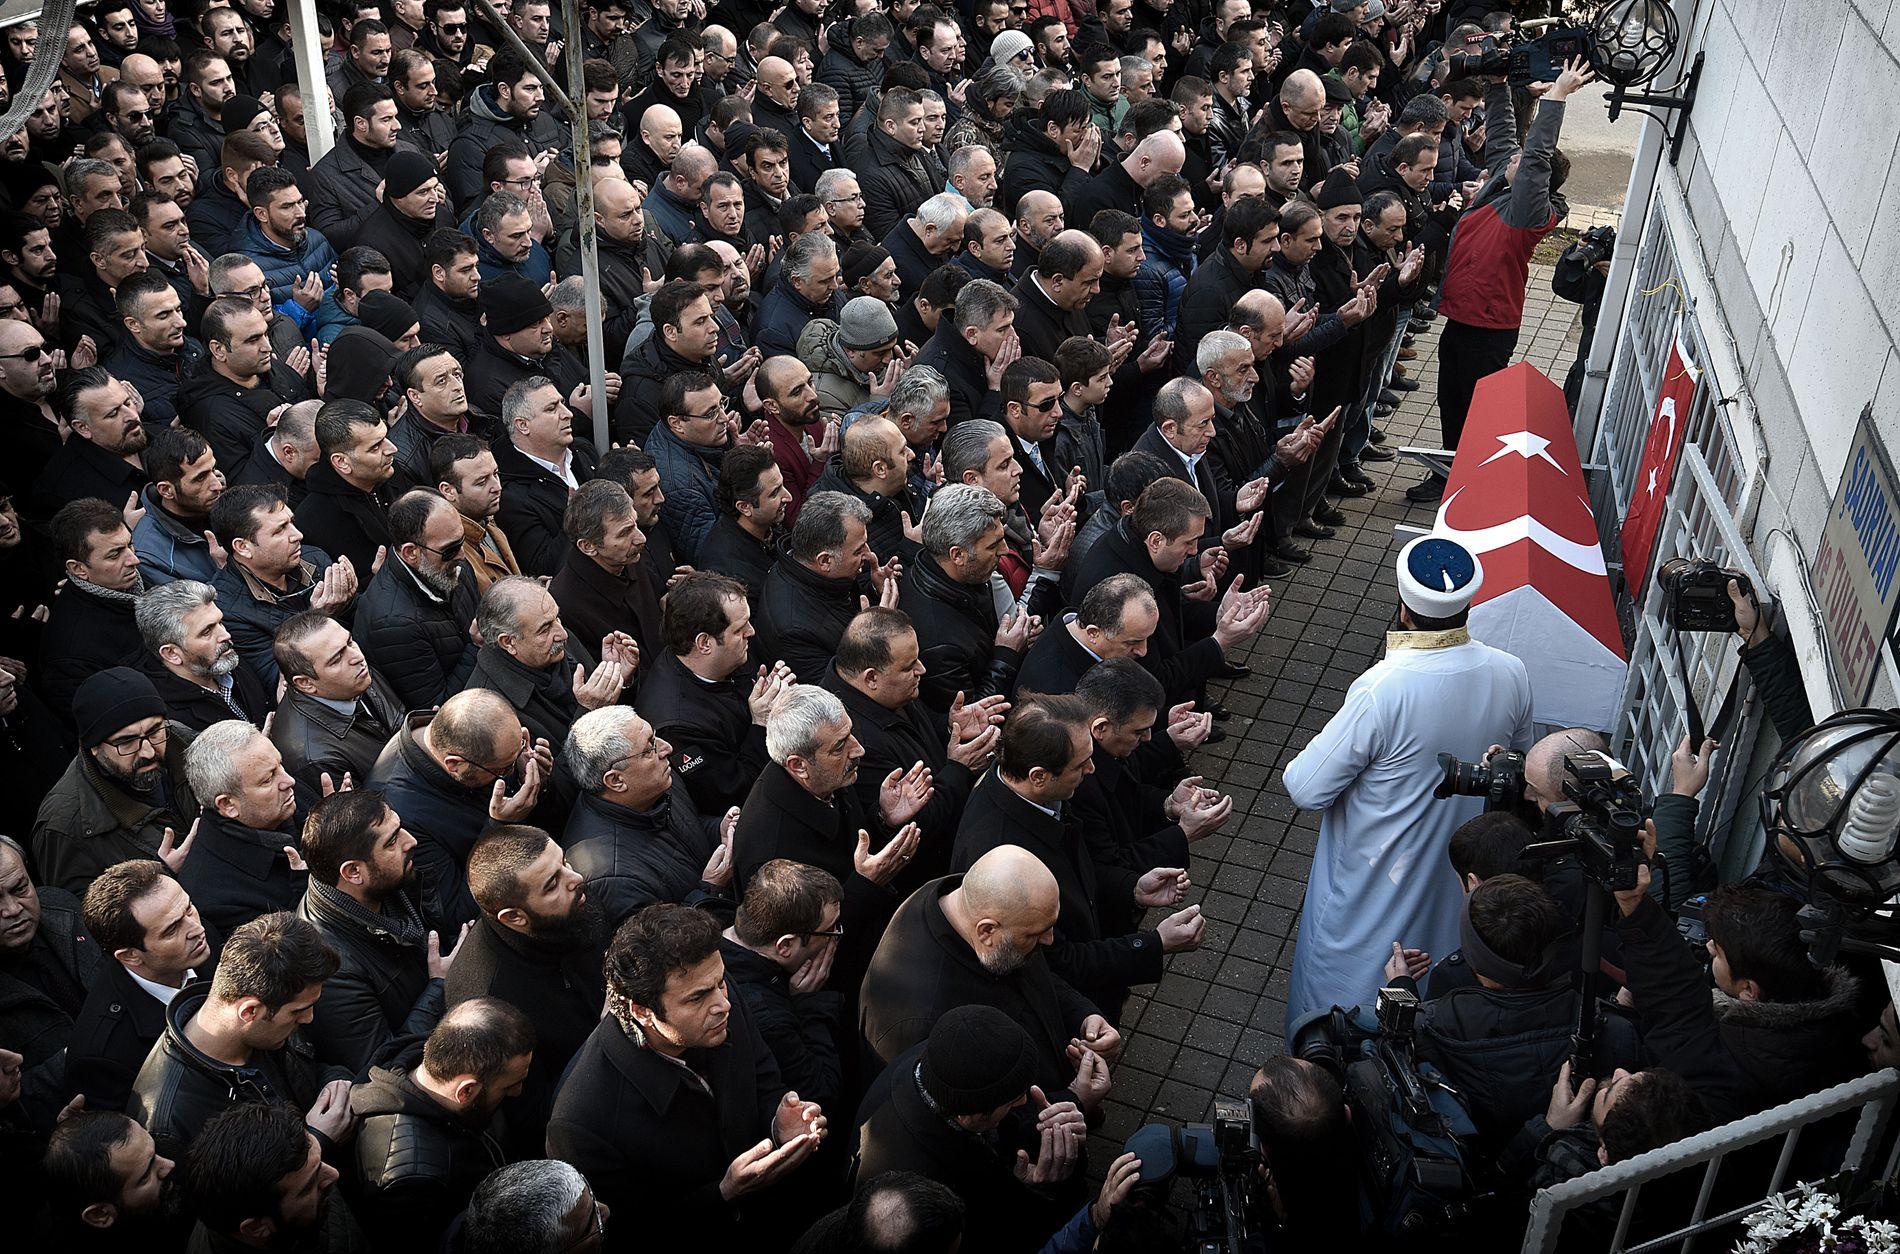 SAMLET I BØNN: Mannlige slektninger og venner av Fatih Cakmak under bønnen for den drepte sikkerhetsvakten i Istanbul.